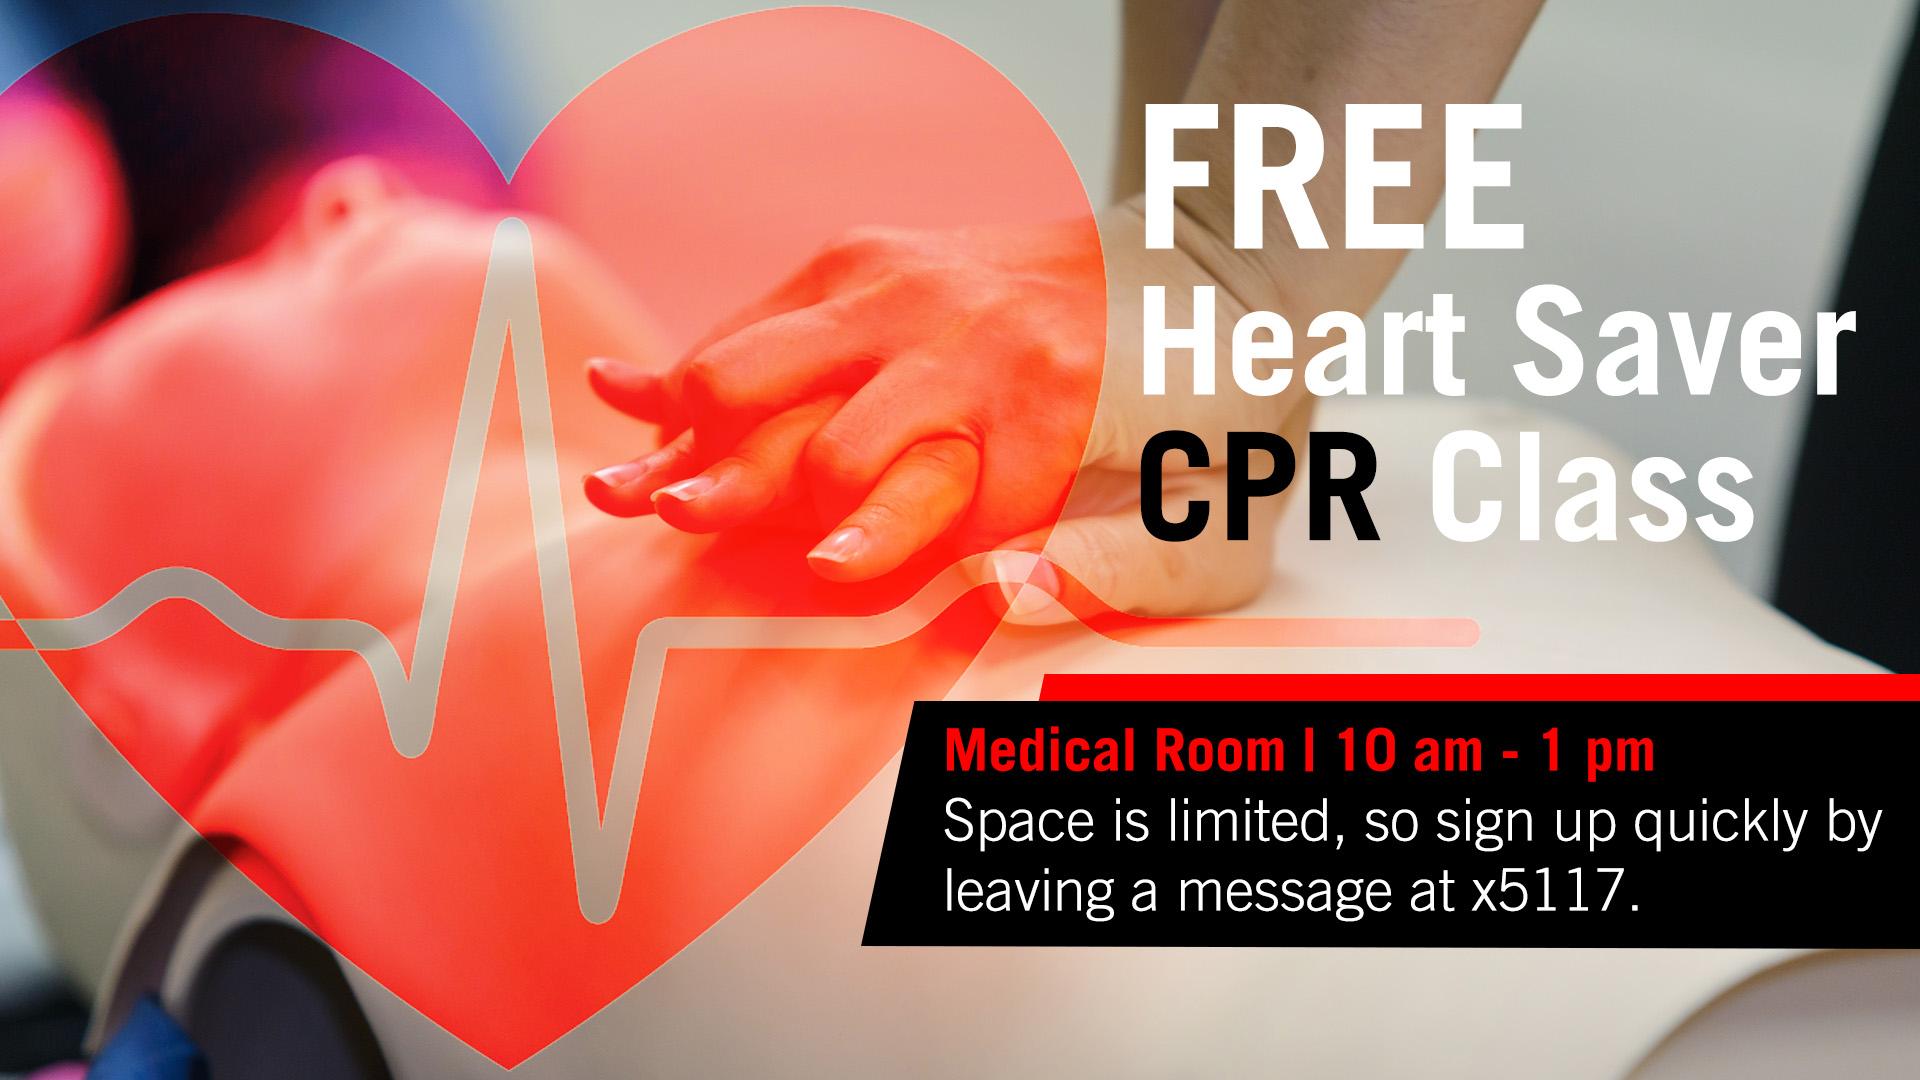 Heart Saver CPR Class Oak Cliff Bible Fellowship 1920x1080